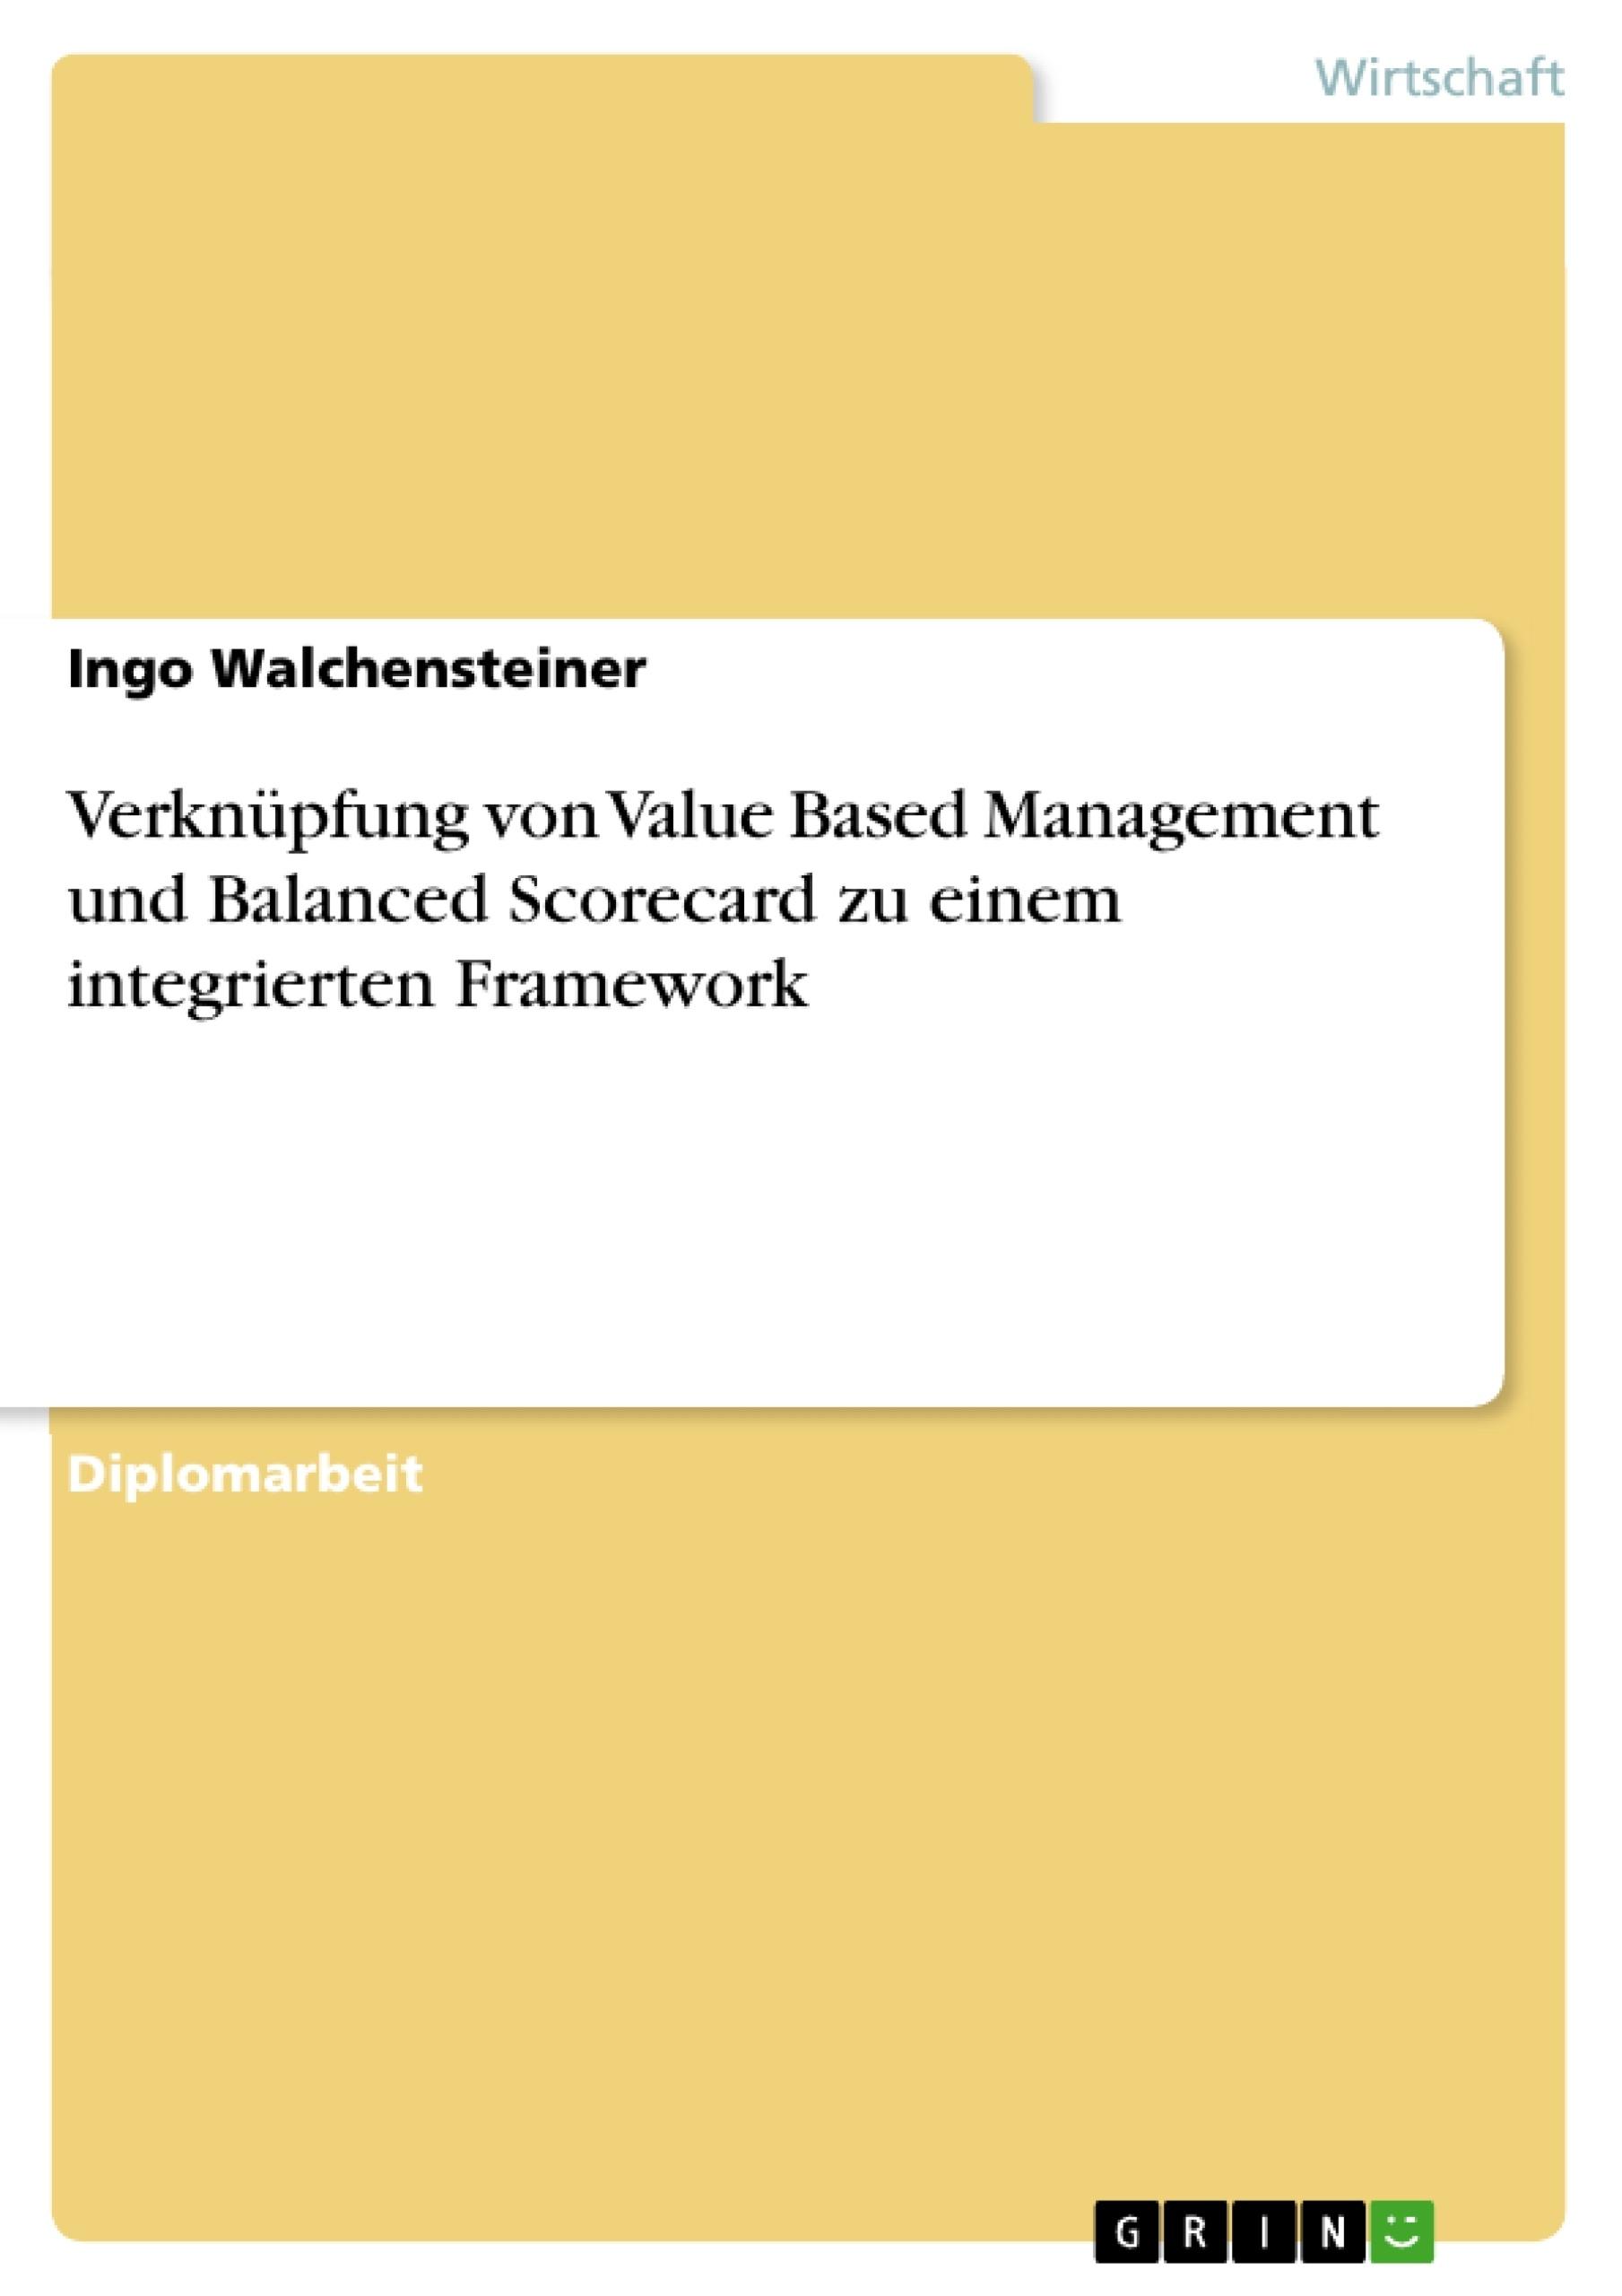 Titel: Verknüpfung von Value Based Management und Balanced Scorecard zu einem integrierten Framework